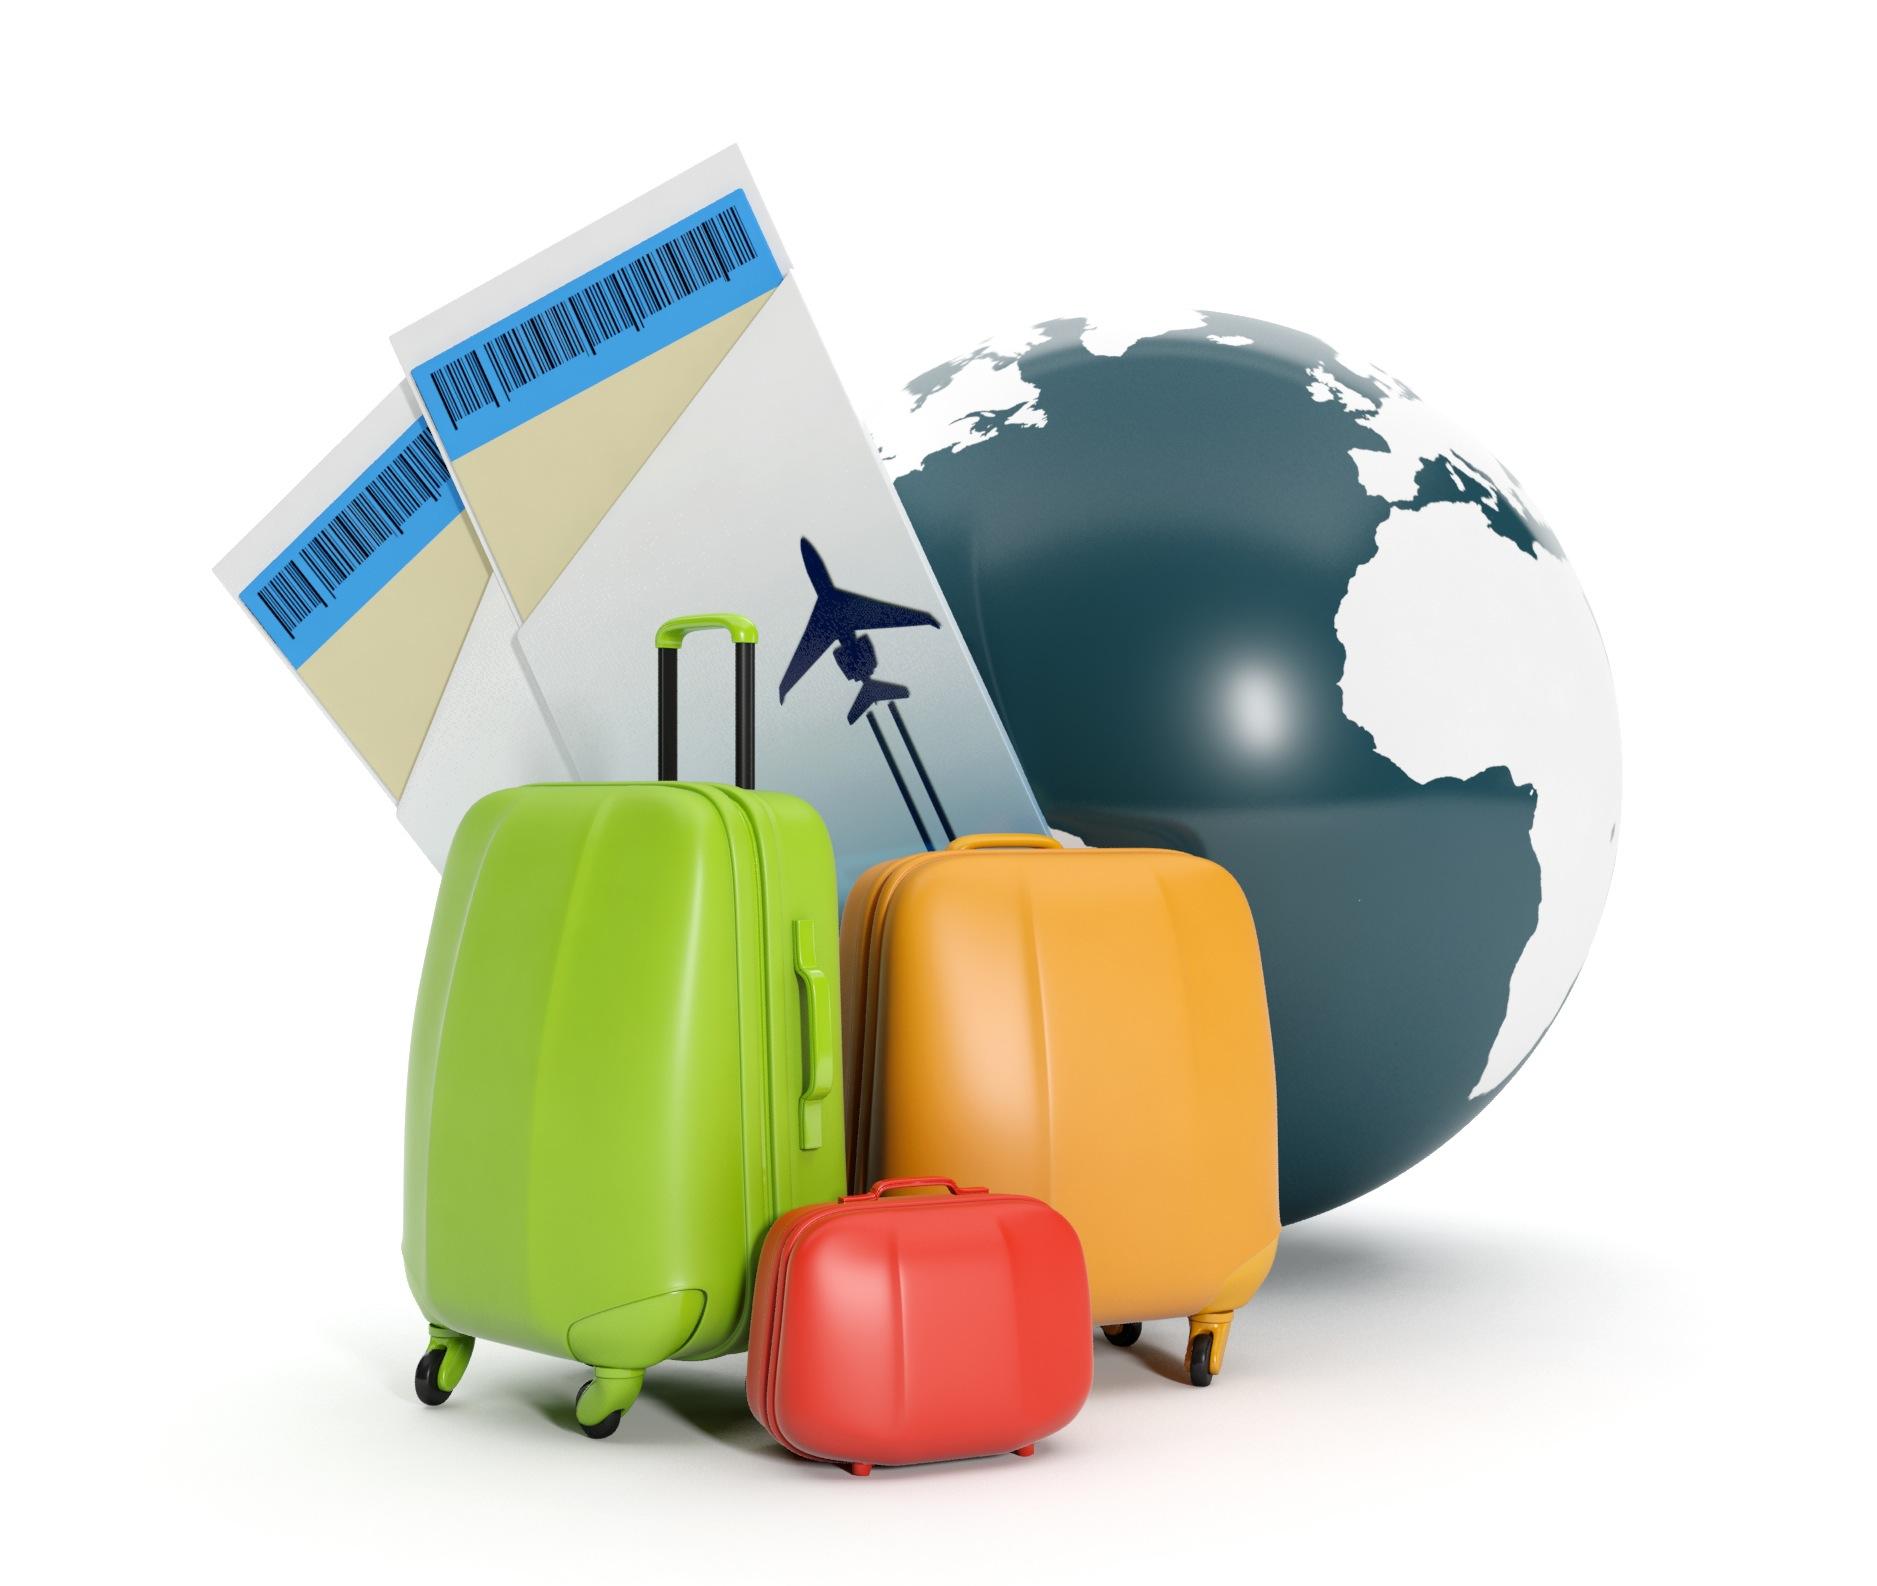 Travel Insurance Claim Help